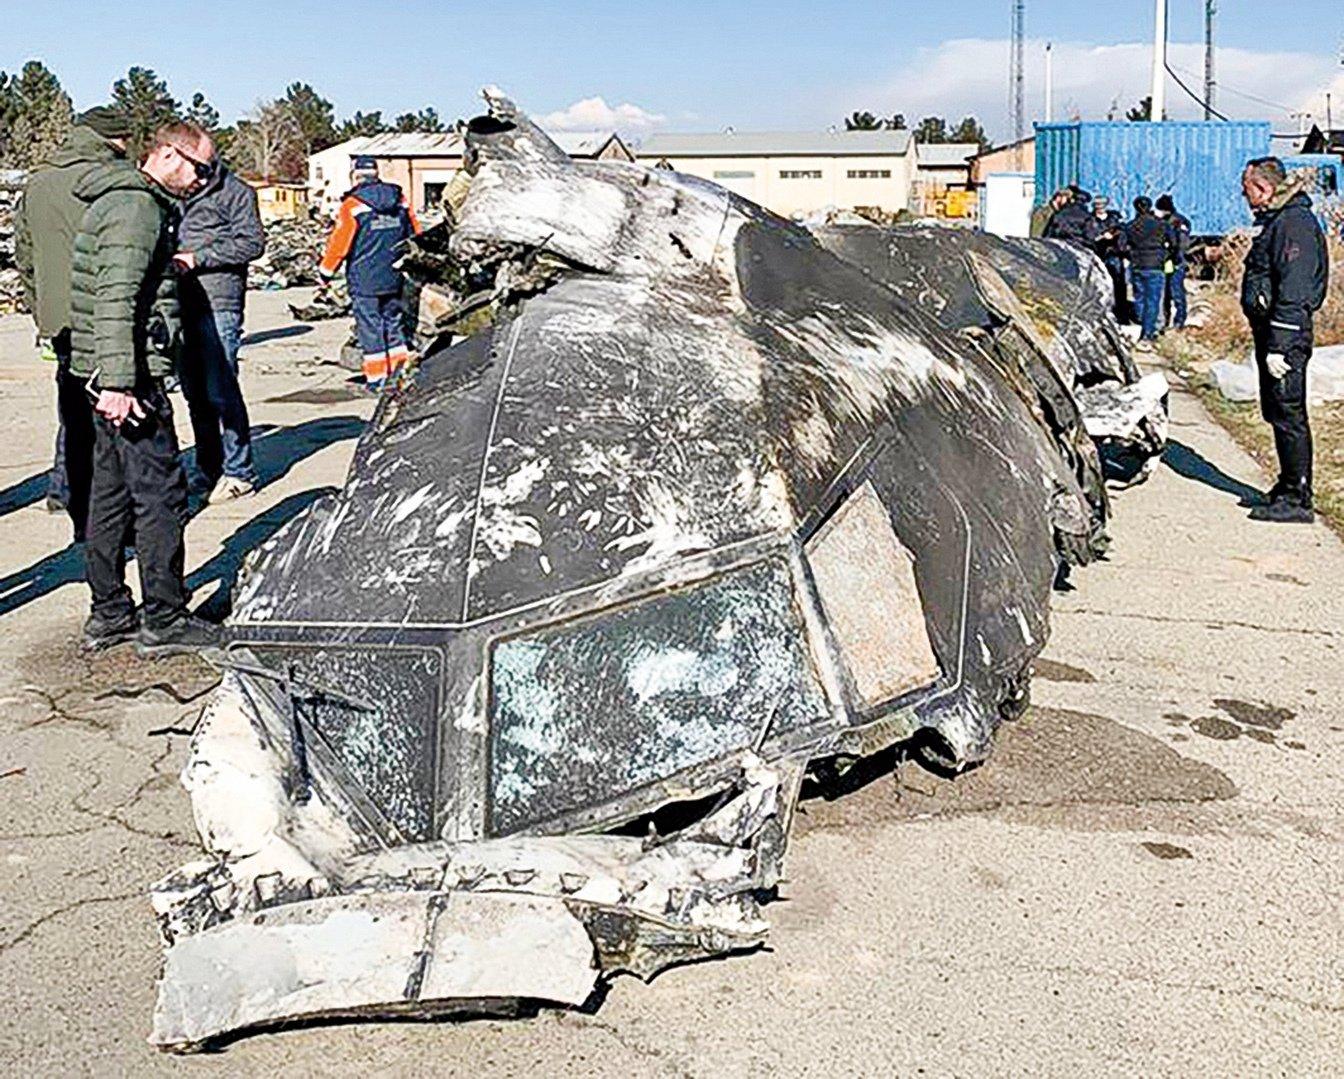 一架烏克蘭航空公司的飛機1月8日在伊朗墜機,《紐約時報》報道,該飛機在半分鐘內遭到兩枚飛彈的攻擊。圖為飛機殘骸。(AFP)